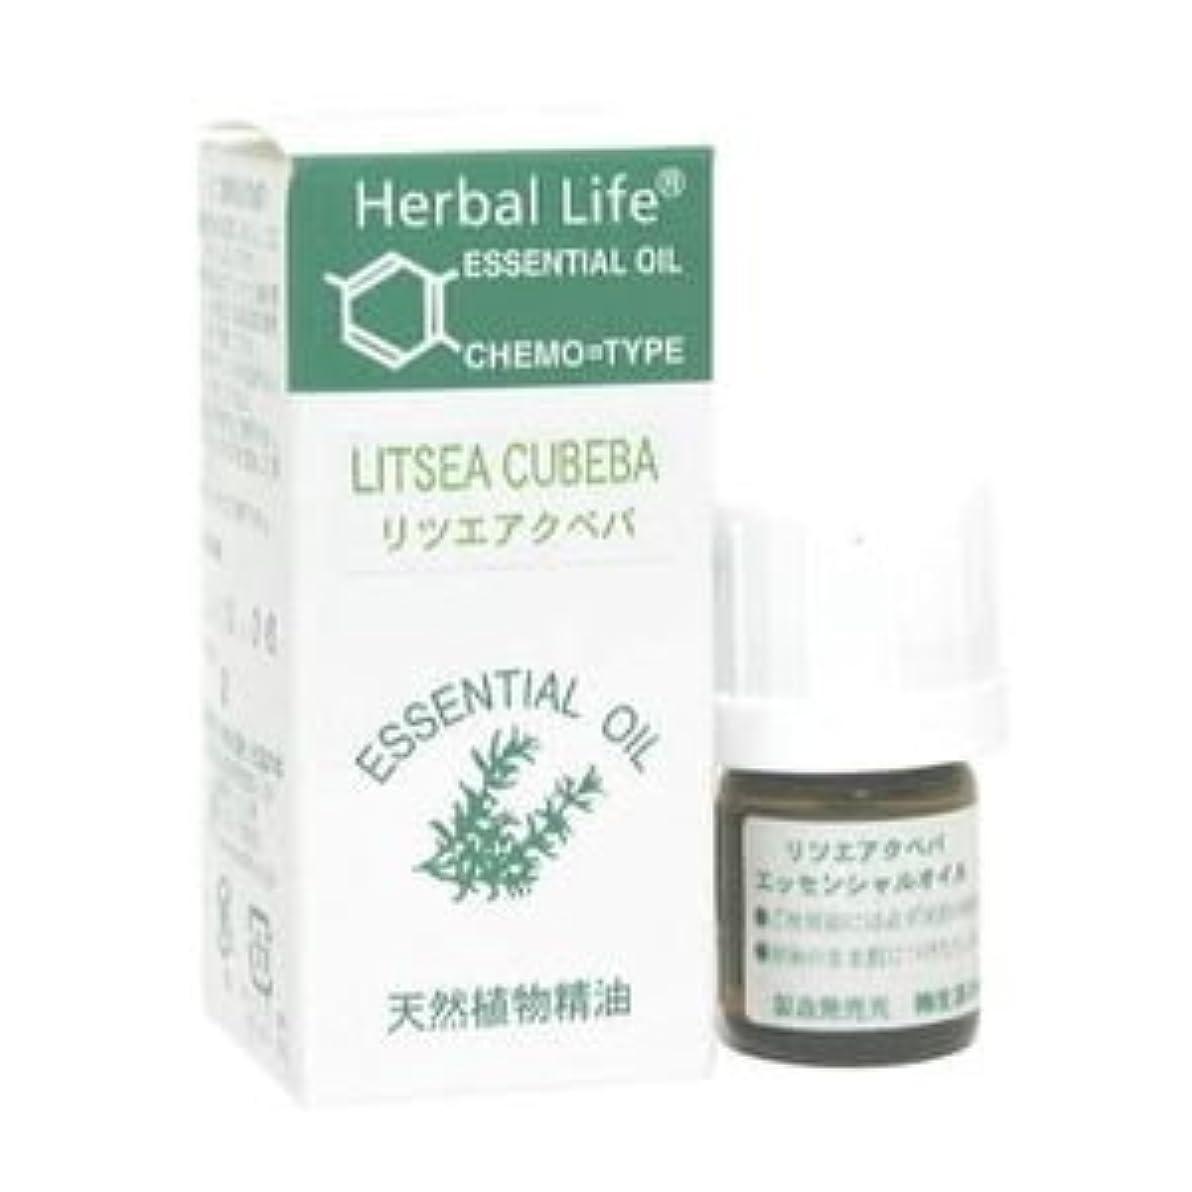 上陸少数産地Herbal Life リツエアクベバ 3ml